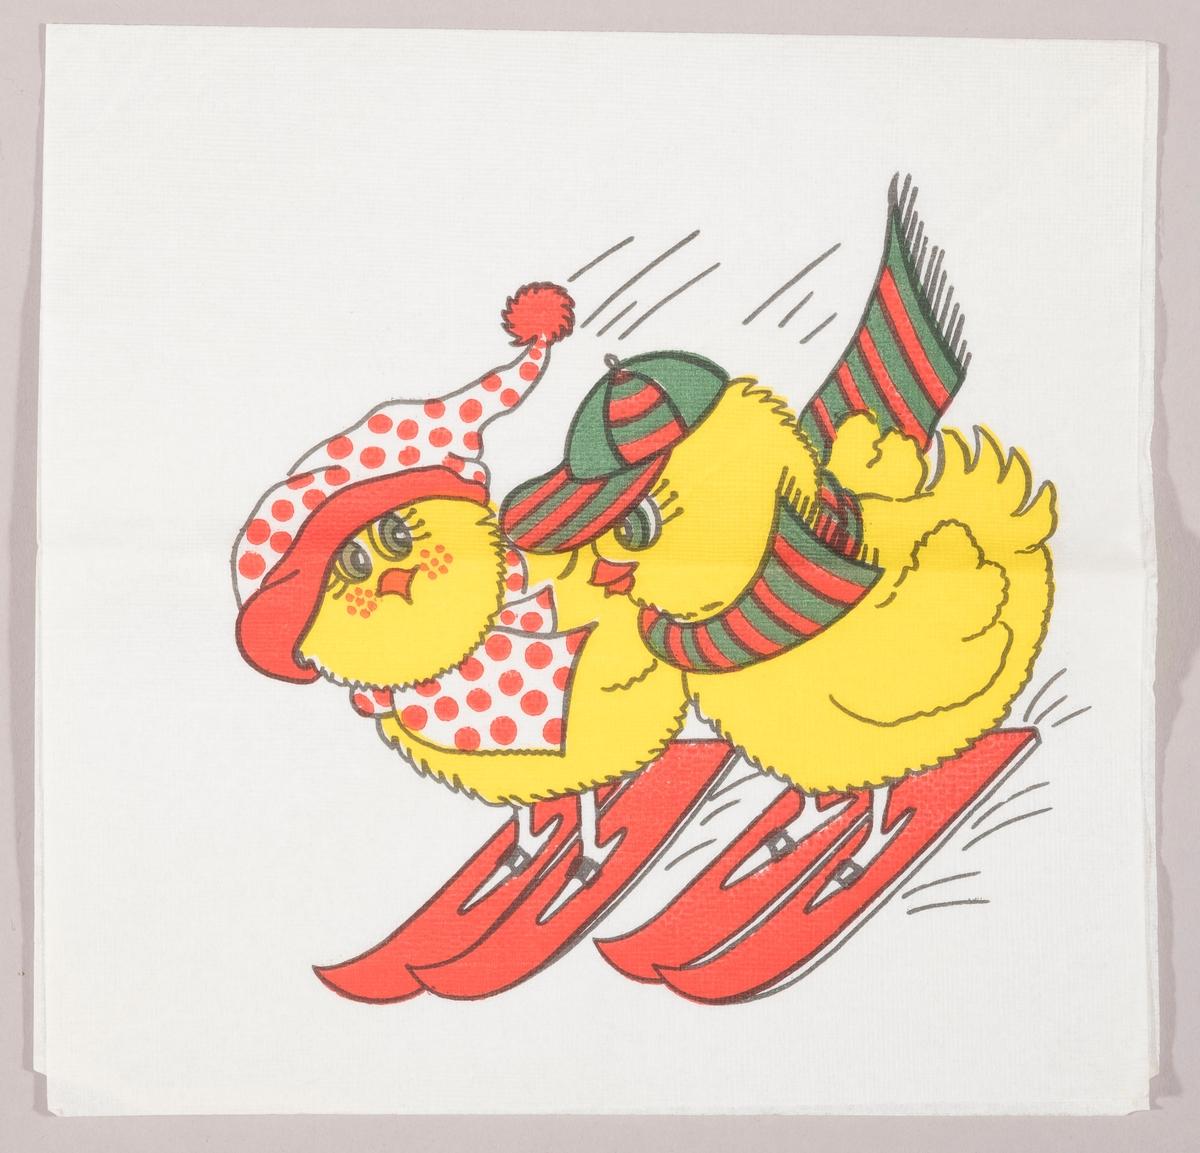 To påskekyllinger står på ski. Den ene kyllingen har lang prikket lue og halstørkle. Den andre kyllingen har caps og stripet halstørklede.